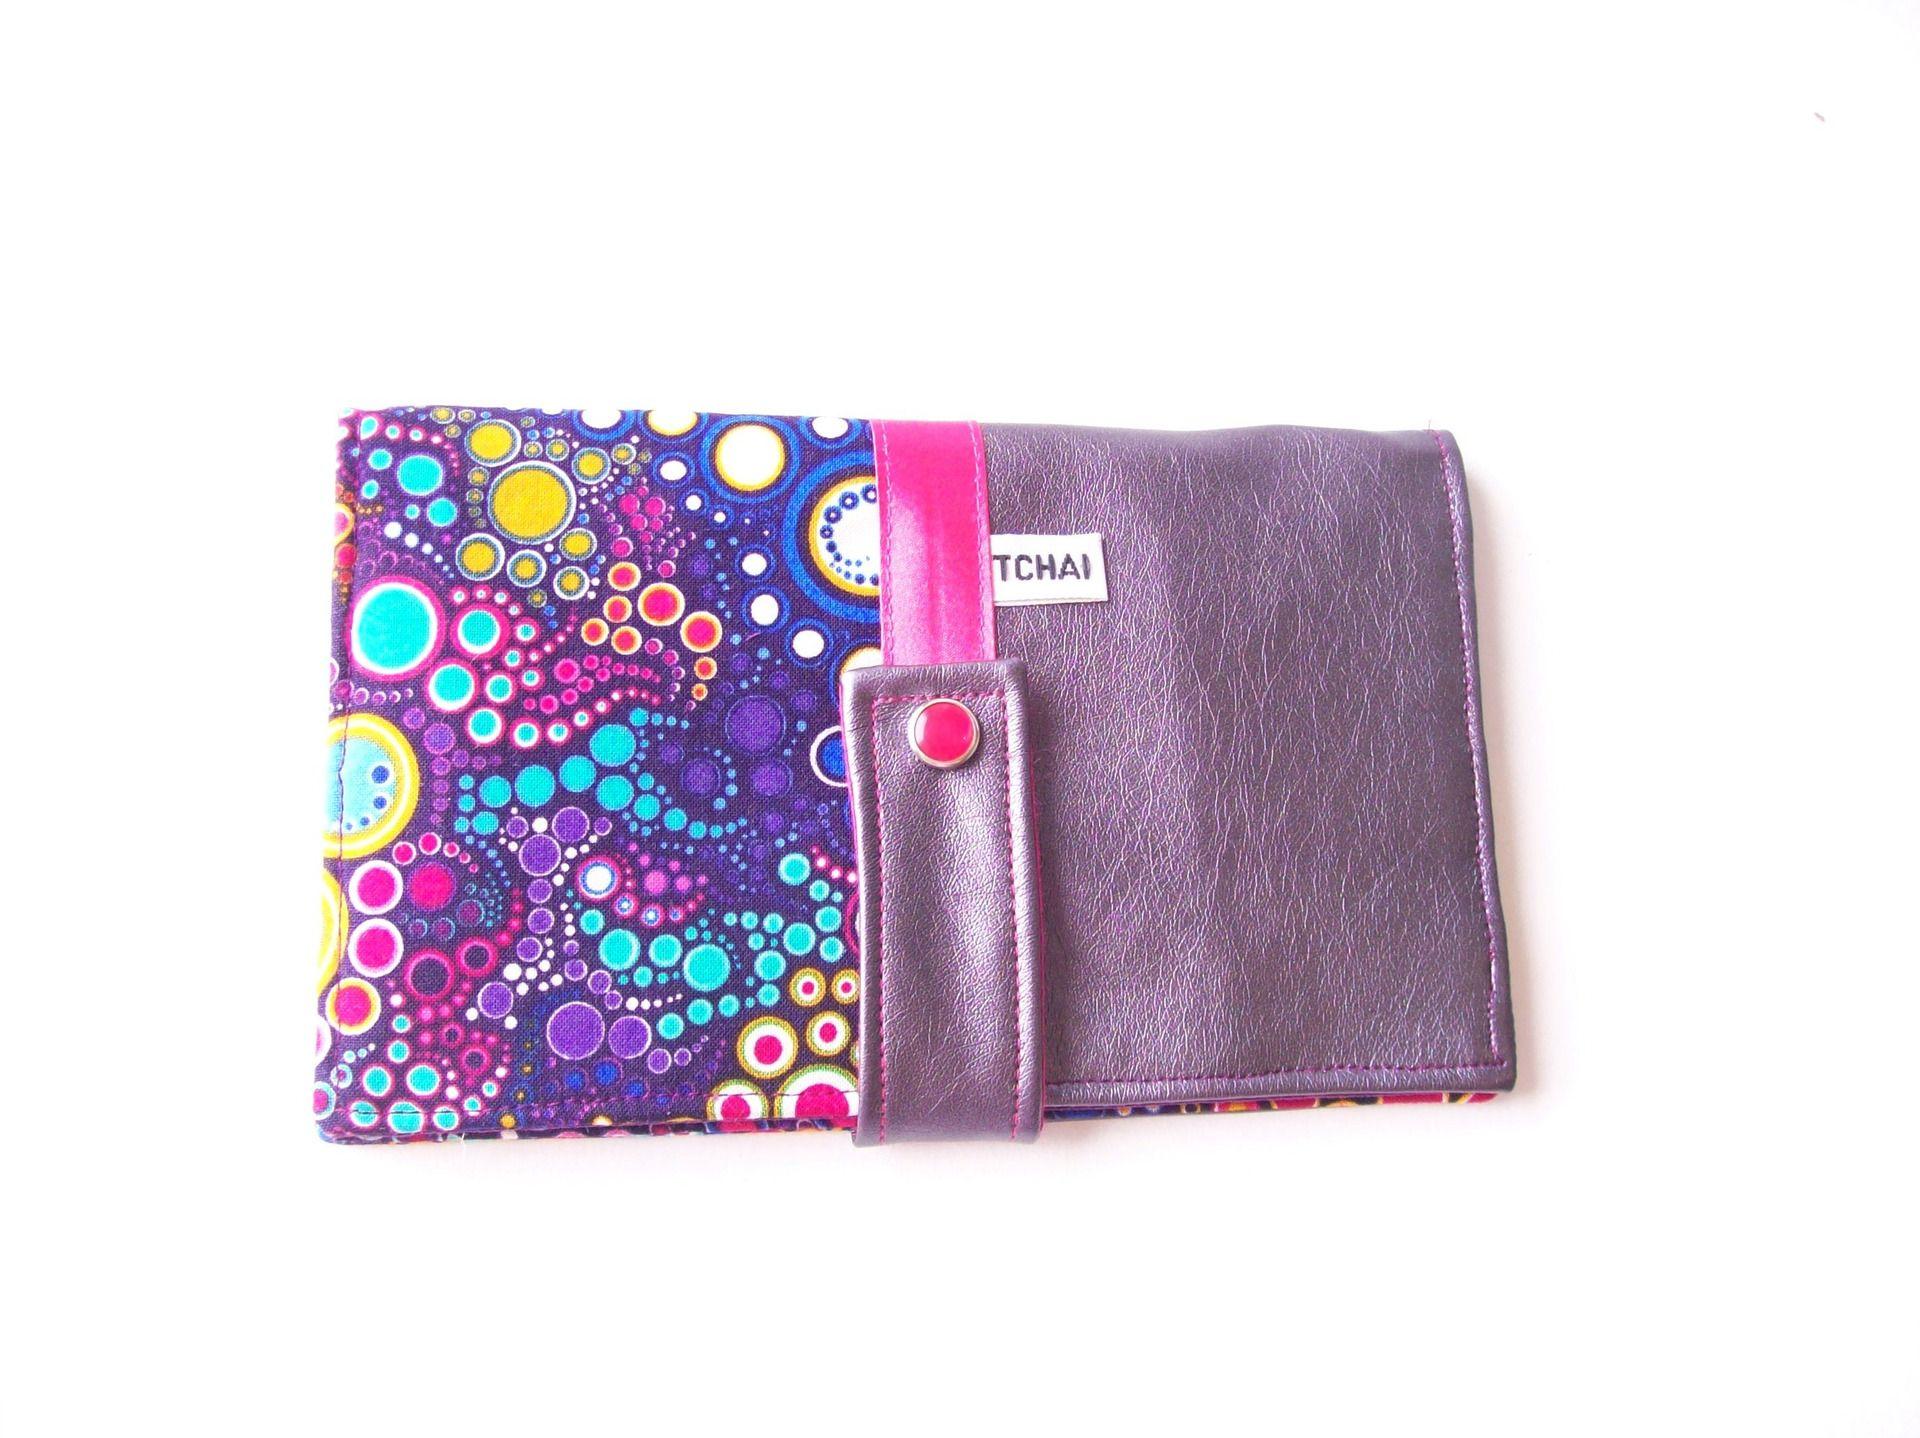 portefeuille,porte cartes multipoches violet uni et motifs bulles multicolores,compagnon porte documents en simili cuir violet et tissu bulles : Porte-monnaie, portefeuilles par tchai-walla